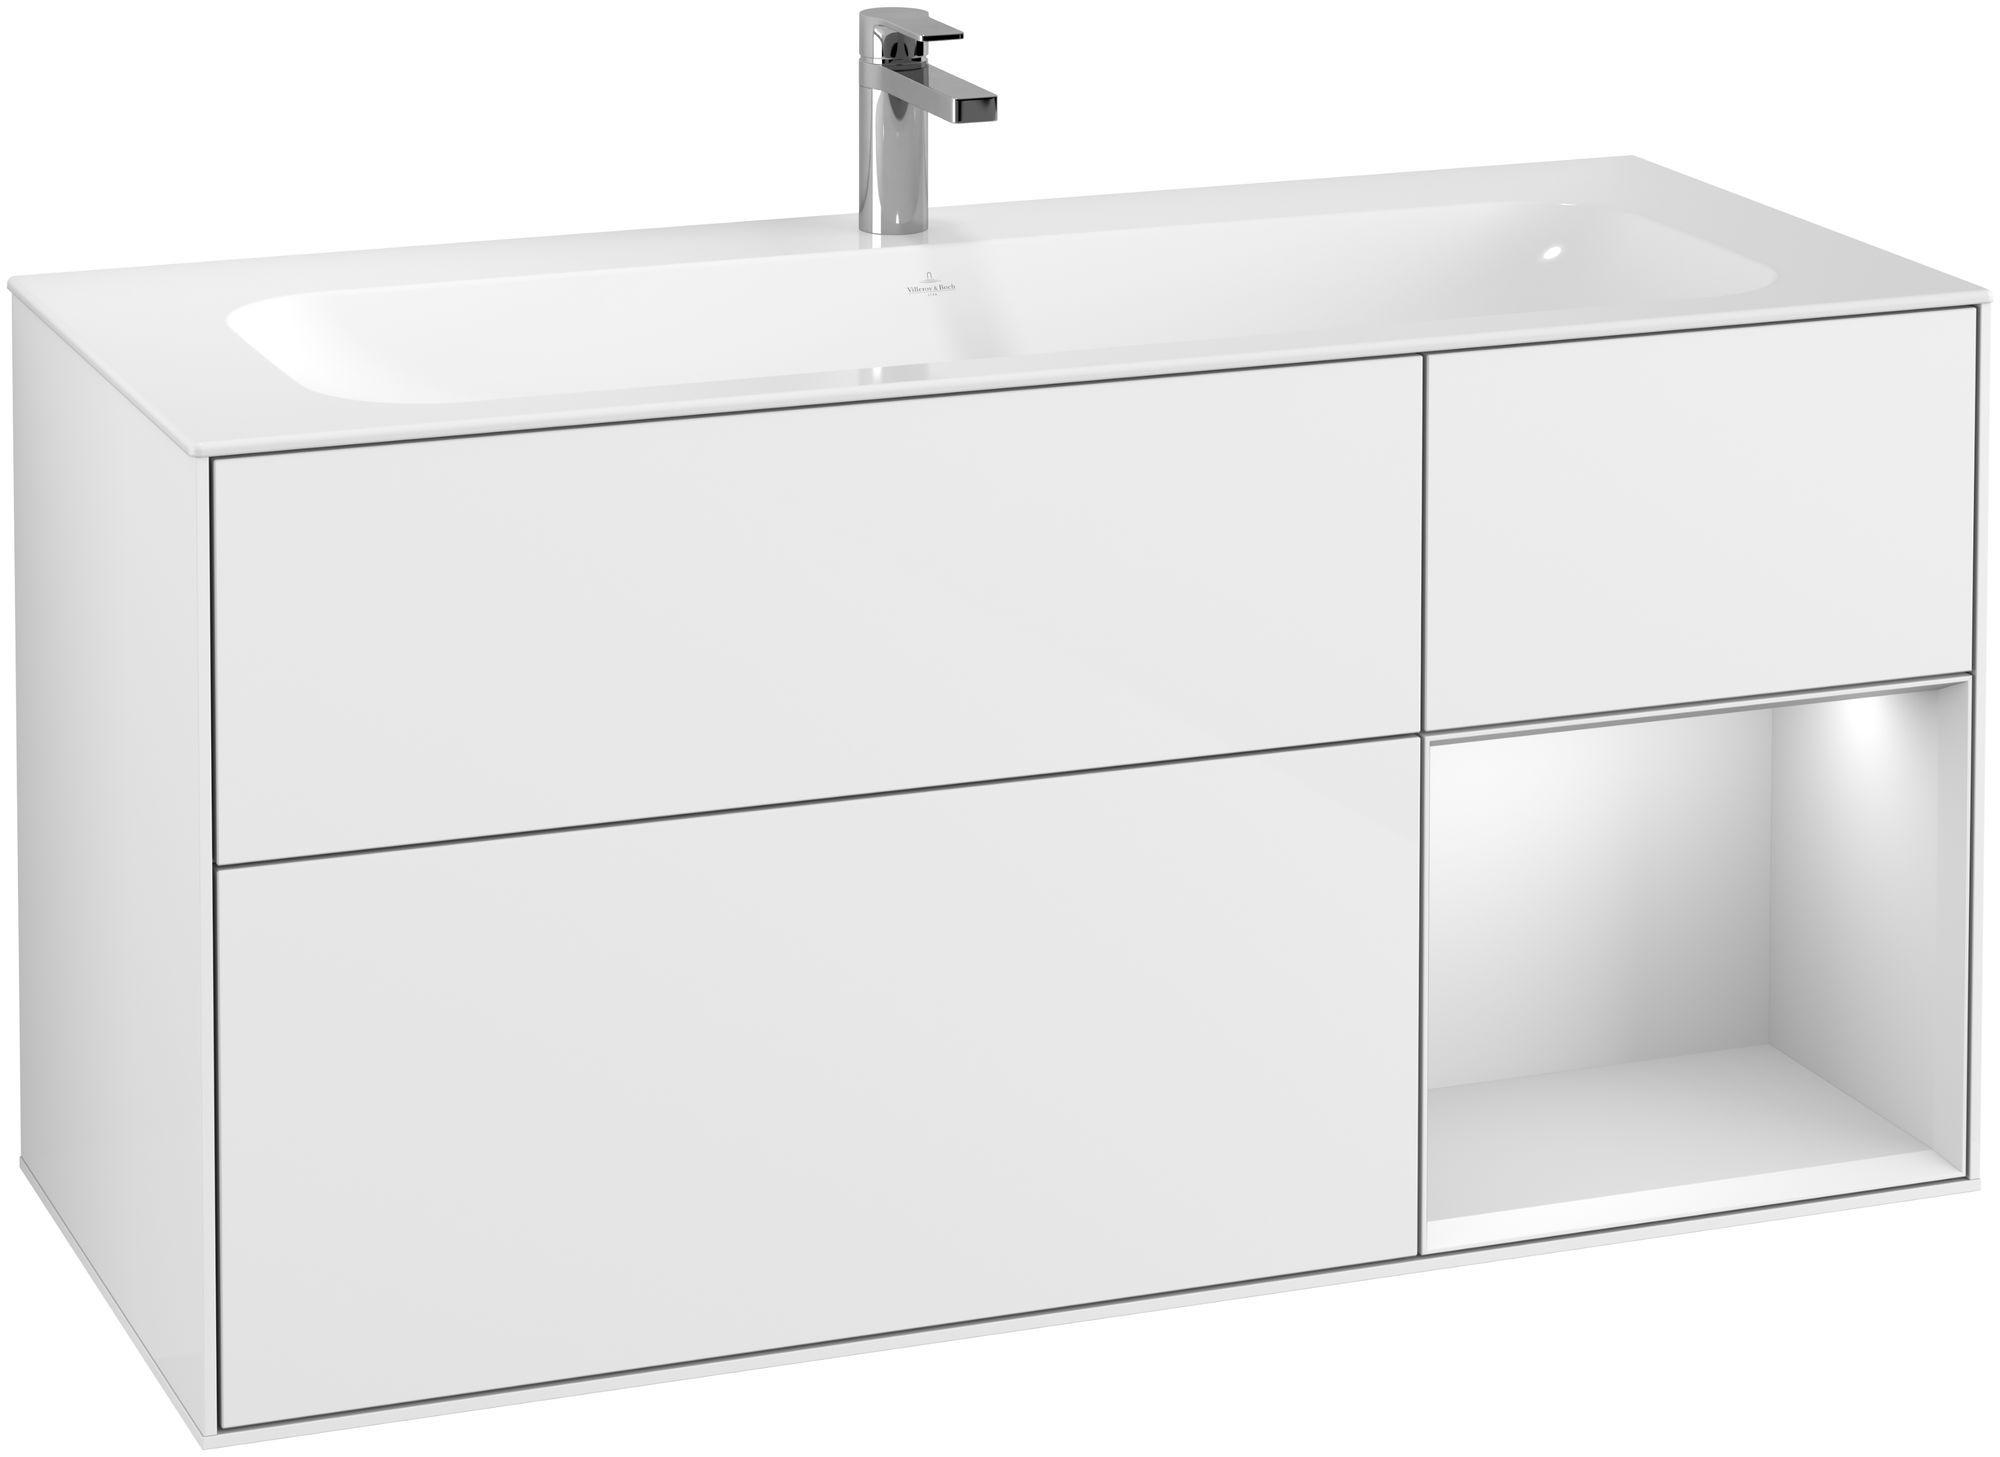 Villeroy & Boch Finion G07 Waschtischunterschrank mit Regalelement 3 Auszüge LED-Beleuchtung B:119,6xH:59,1xT:49,8cm Front, Korpus: Glossy White Lack, Regal: Weiß Matt Soft Grey G070MTGF